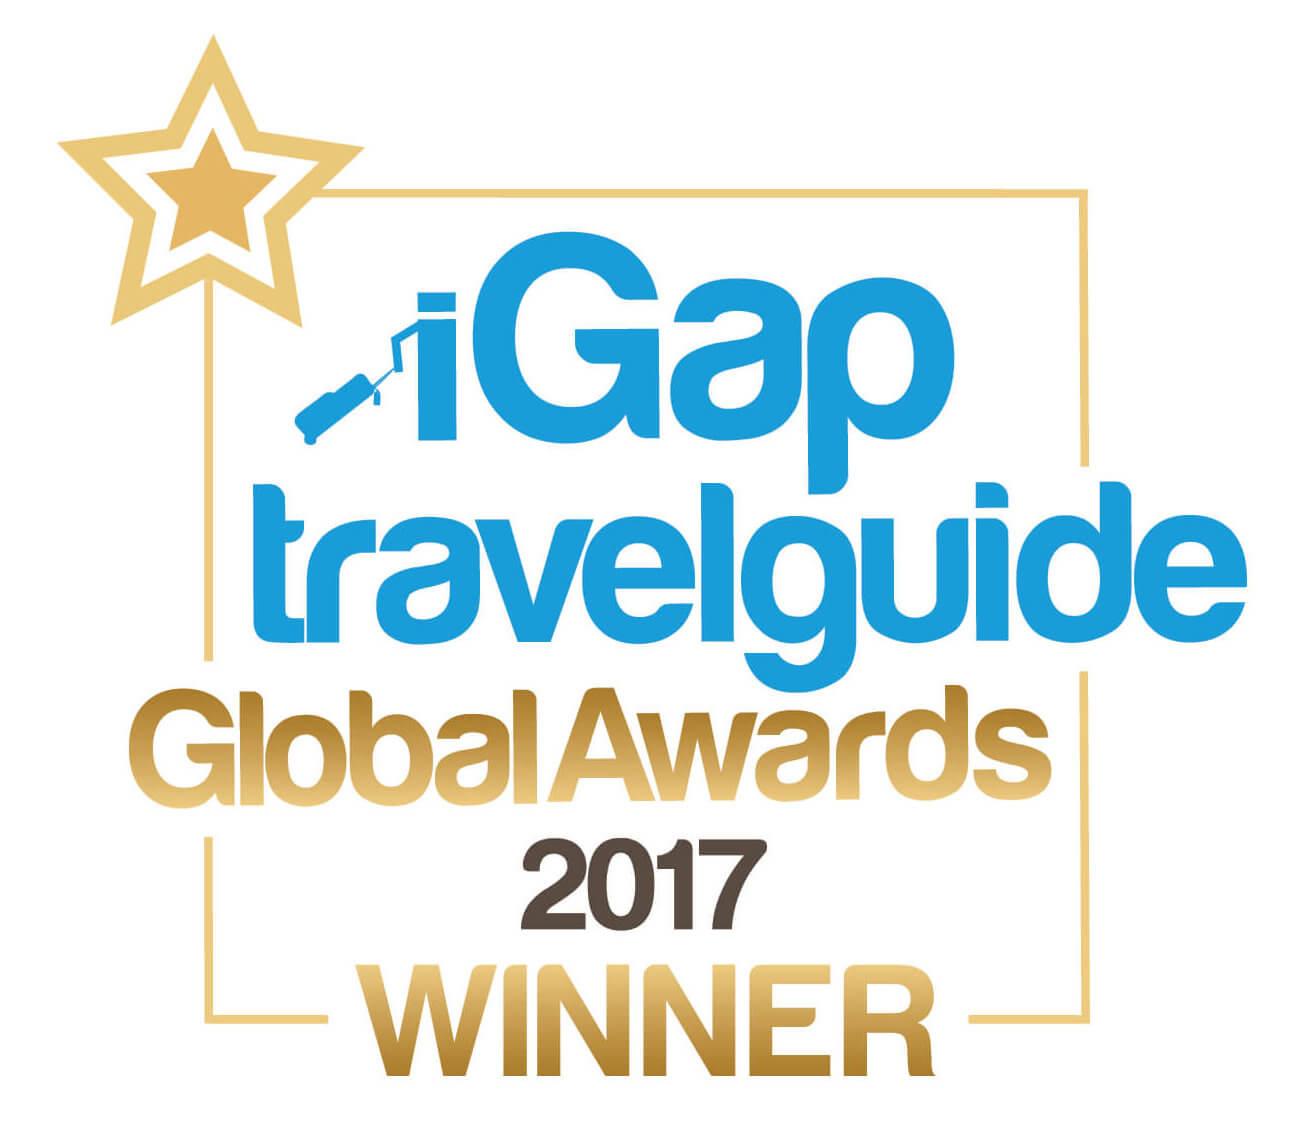 iGap travelguide Winner 2017